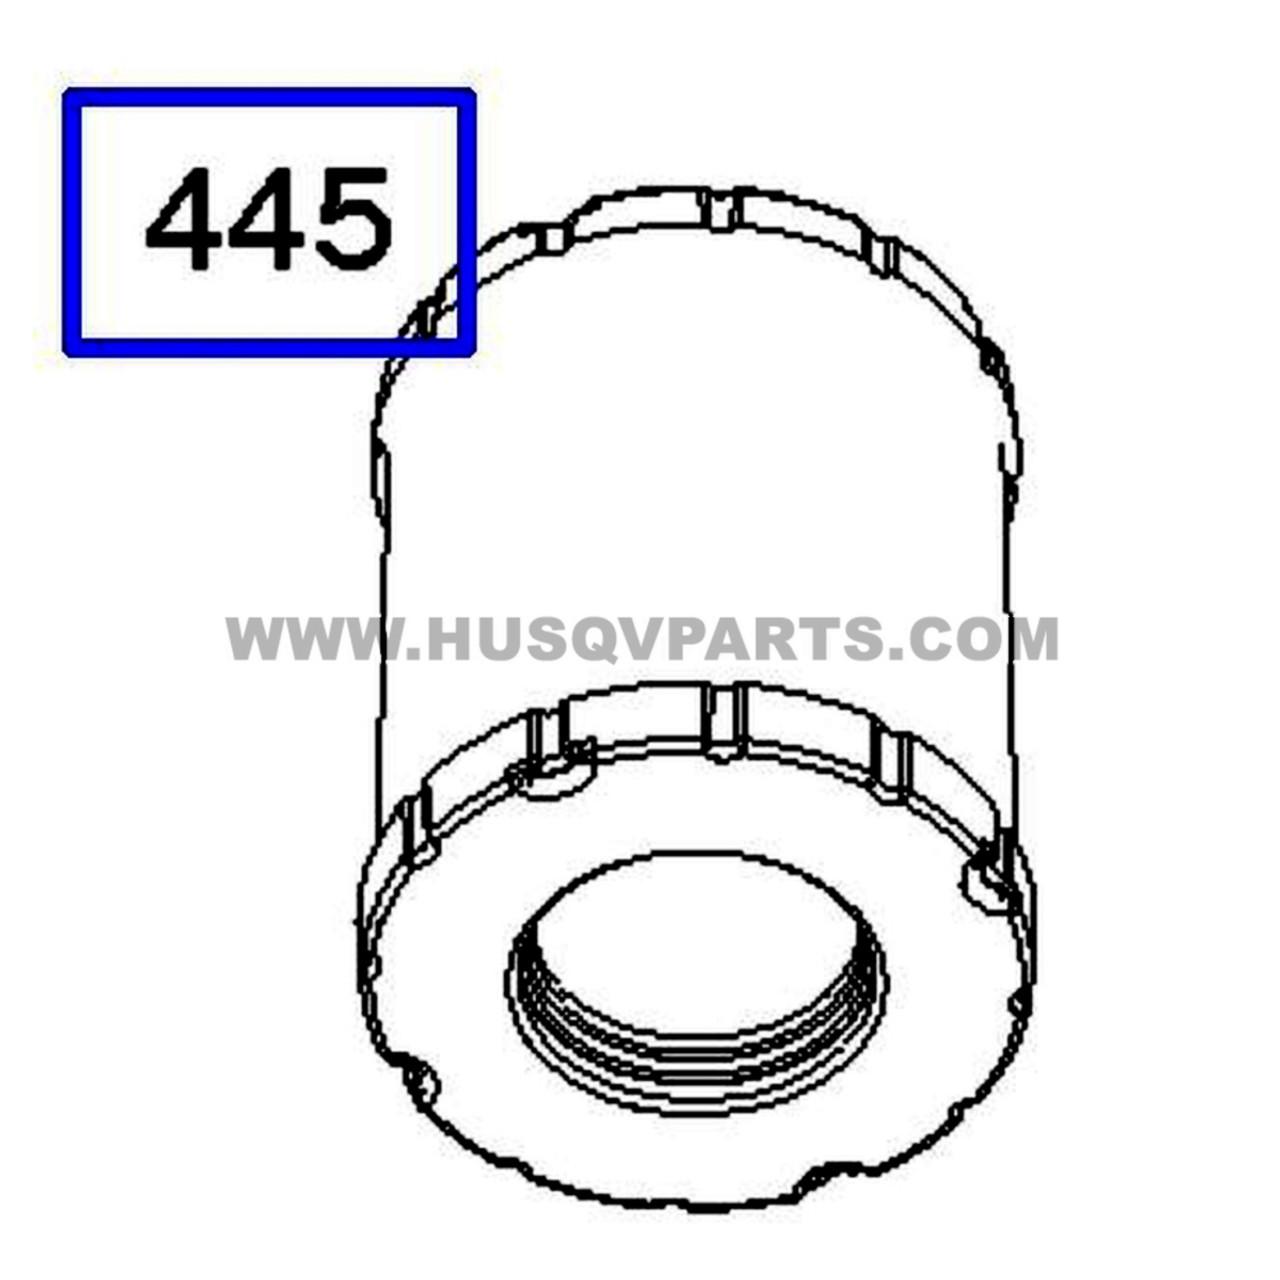 Parts Lookup Husqvarna Yth22V46 Air Filter BS 594201 Diagram  Apart